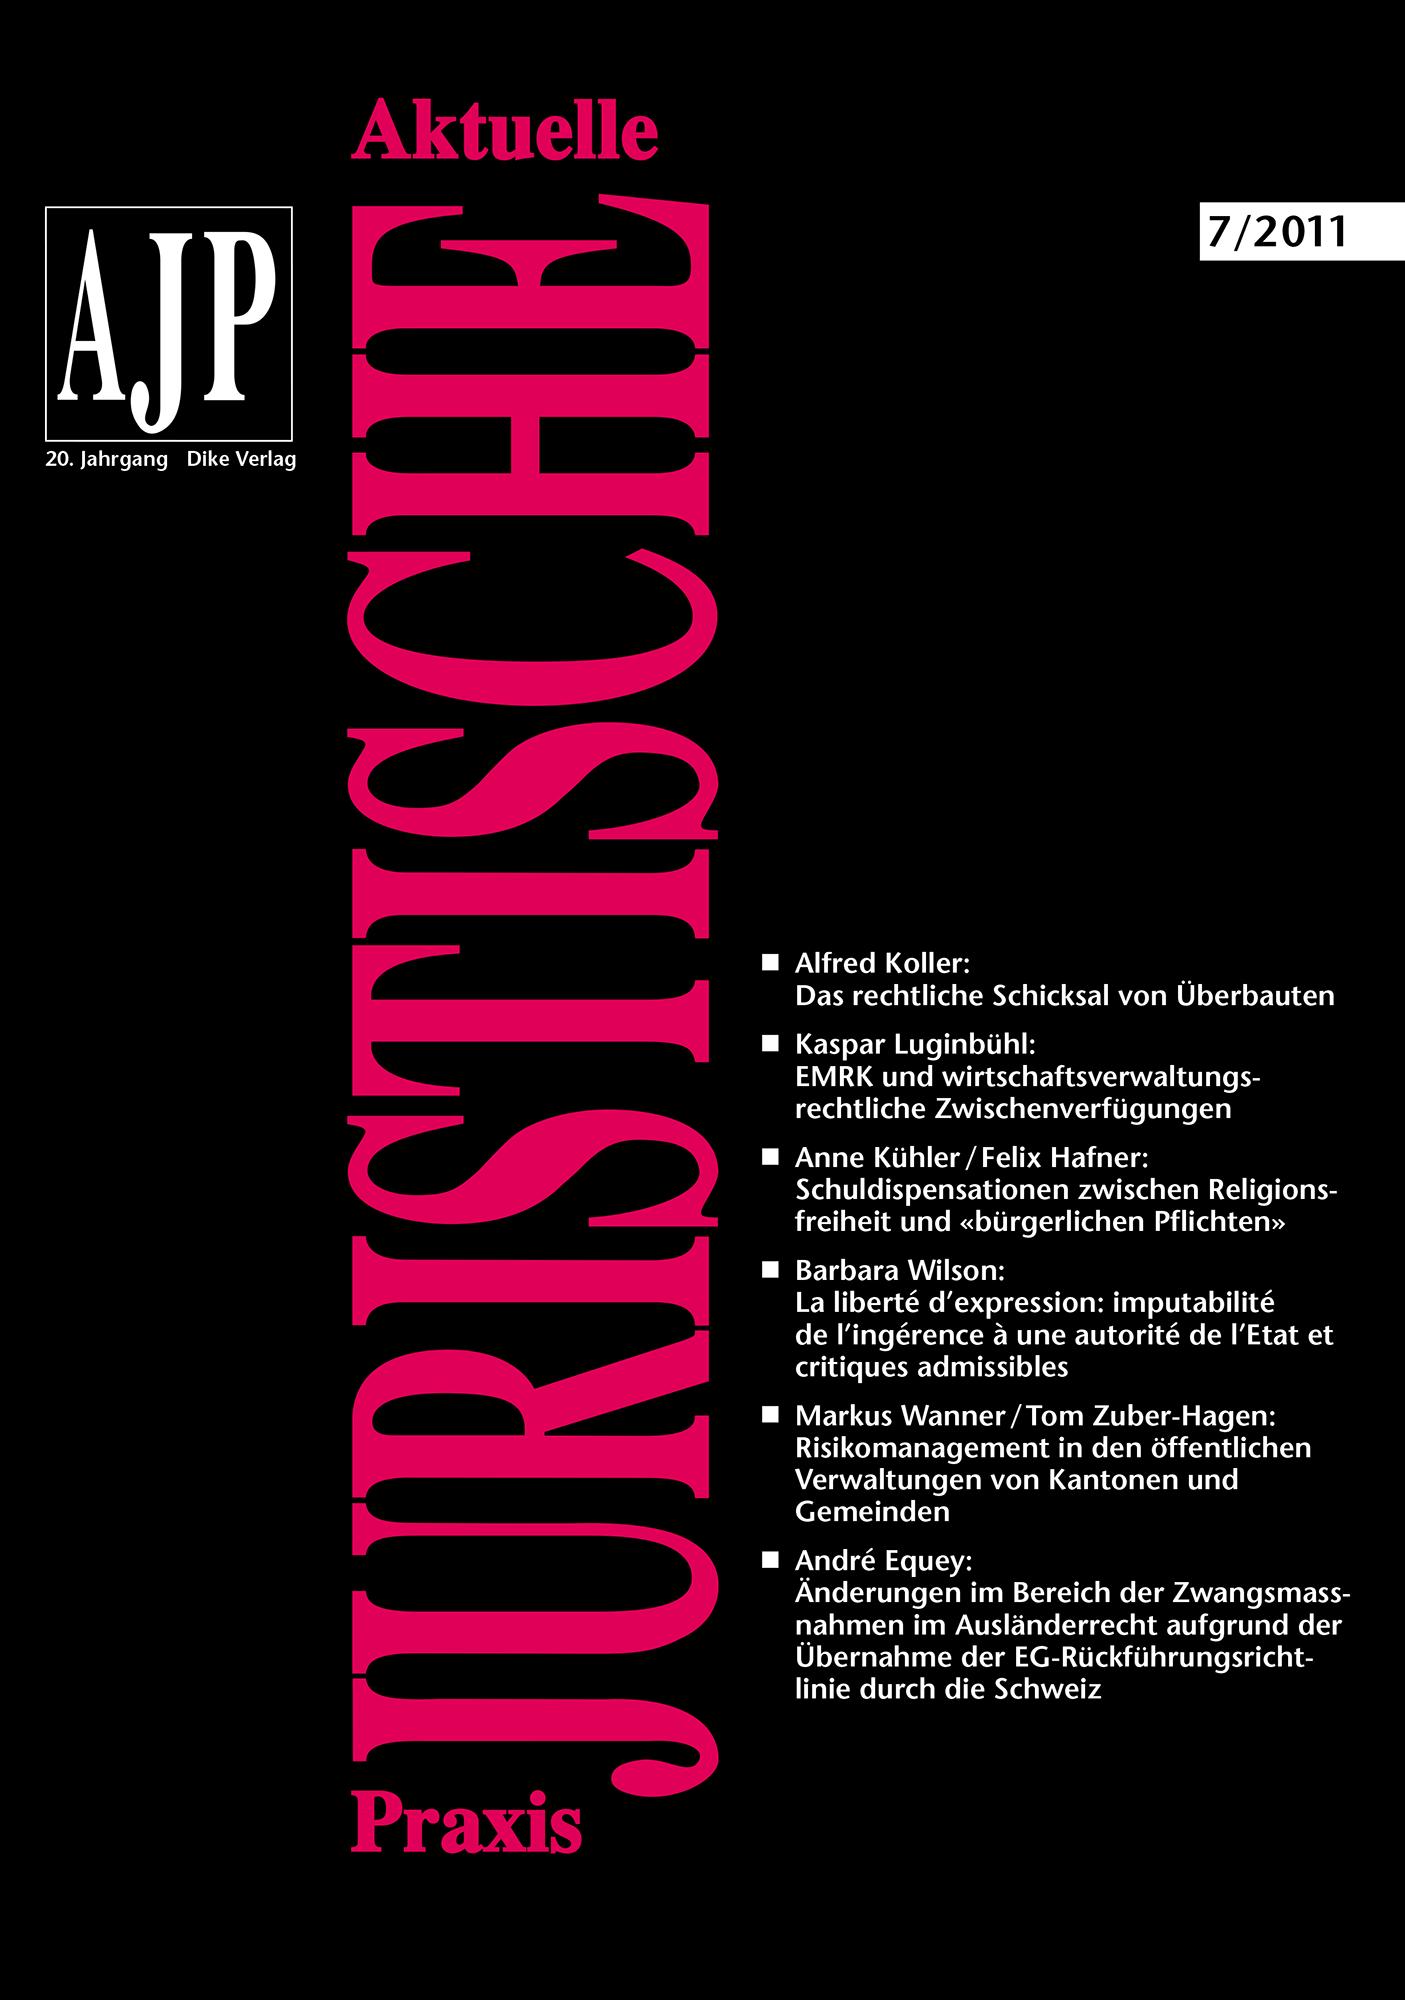 AJP/PJA 07/2011